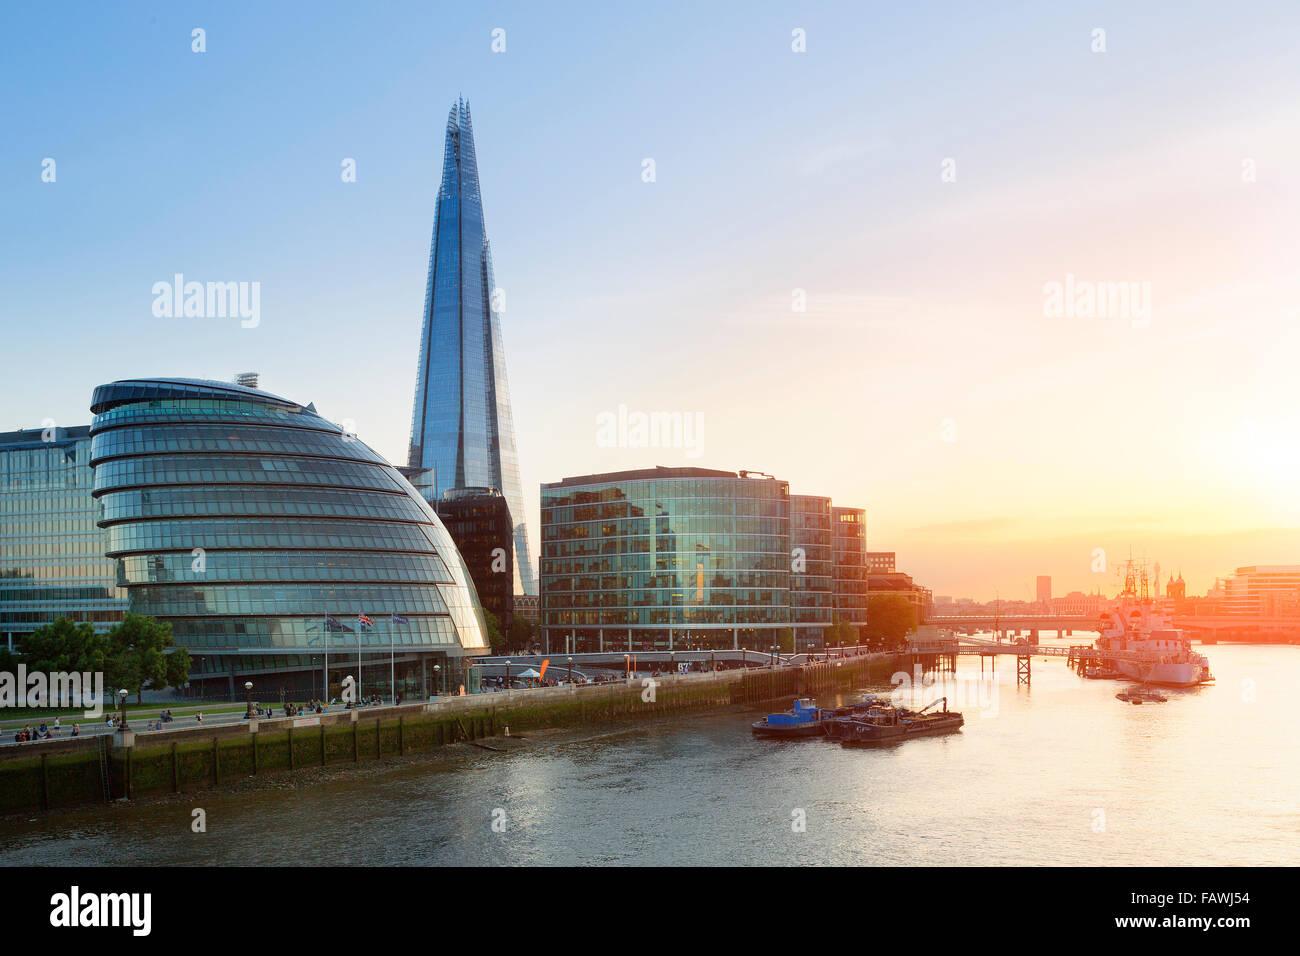 Londres, el shard y el ayuntamiento al atardecer Imagen De Stock